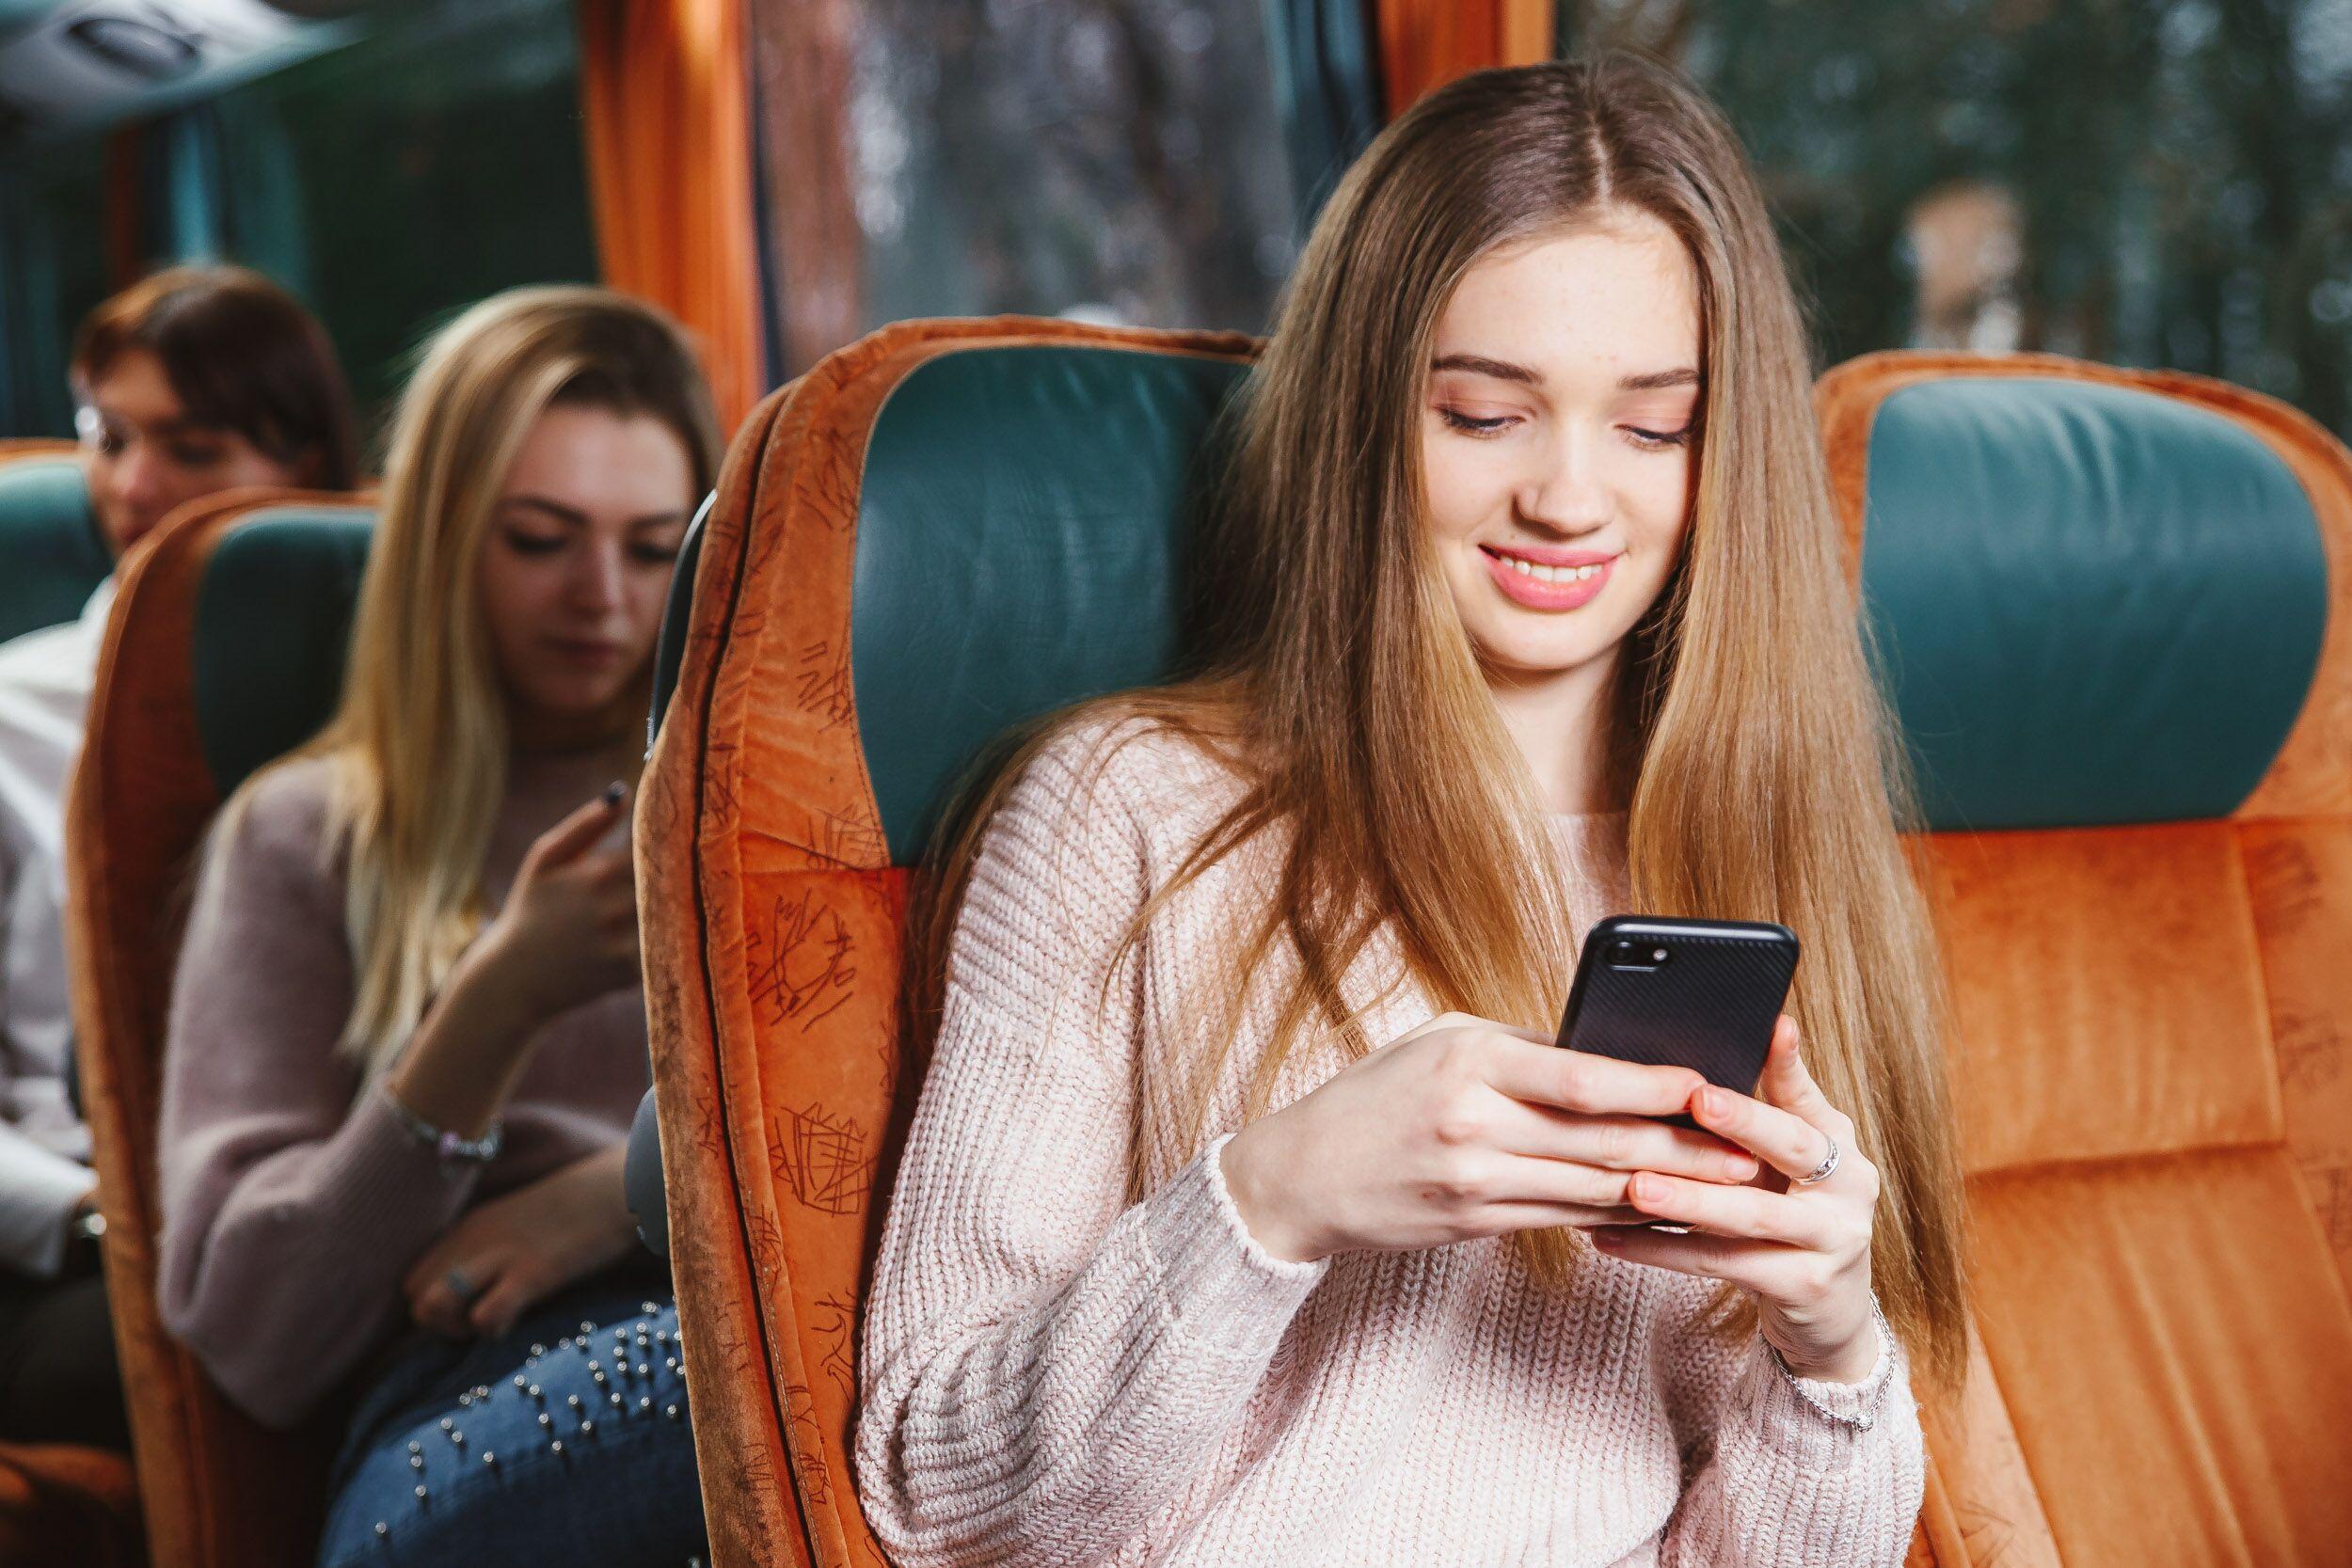 квитки онлайн, замовляй квиток на автобус, Київ, Харків, Полтава,комфортні пасажирські перевезеннґ,